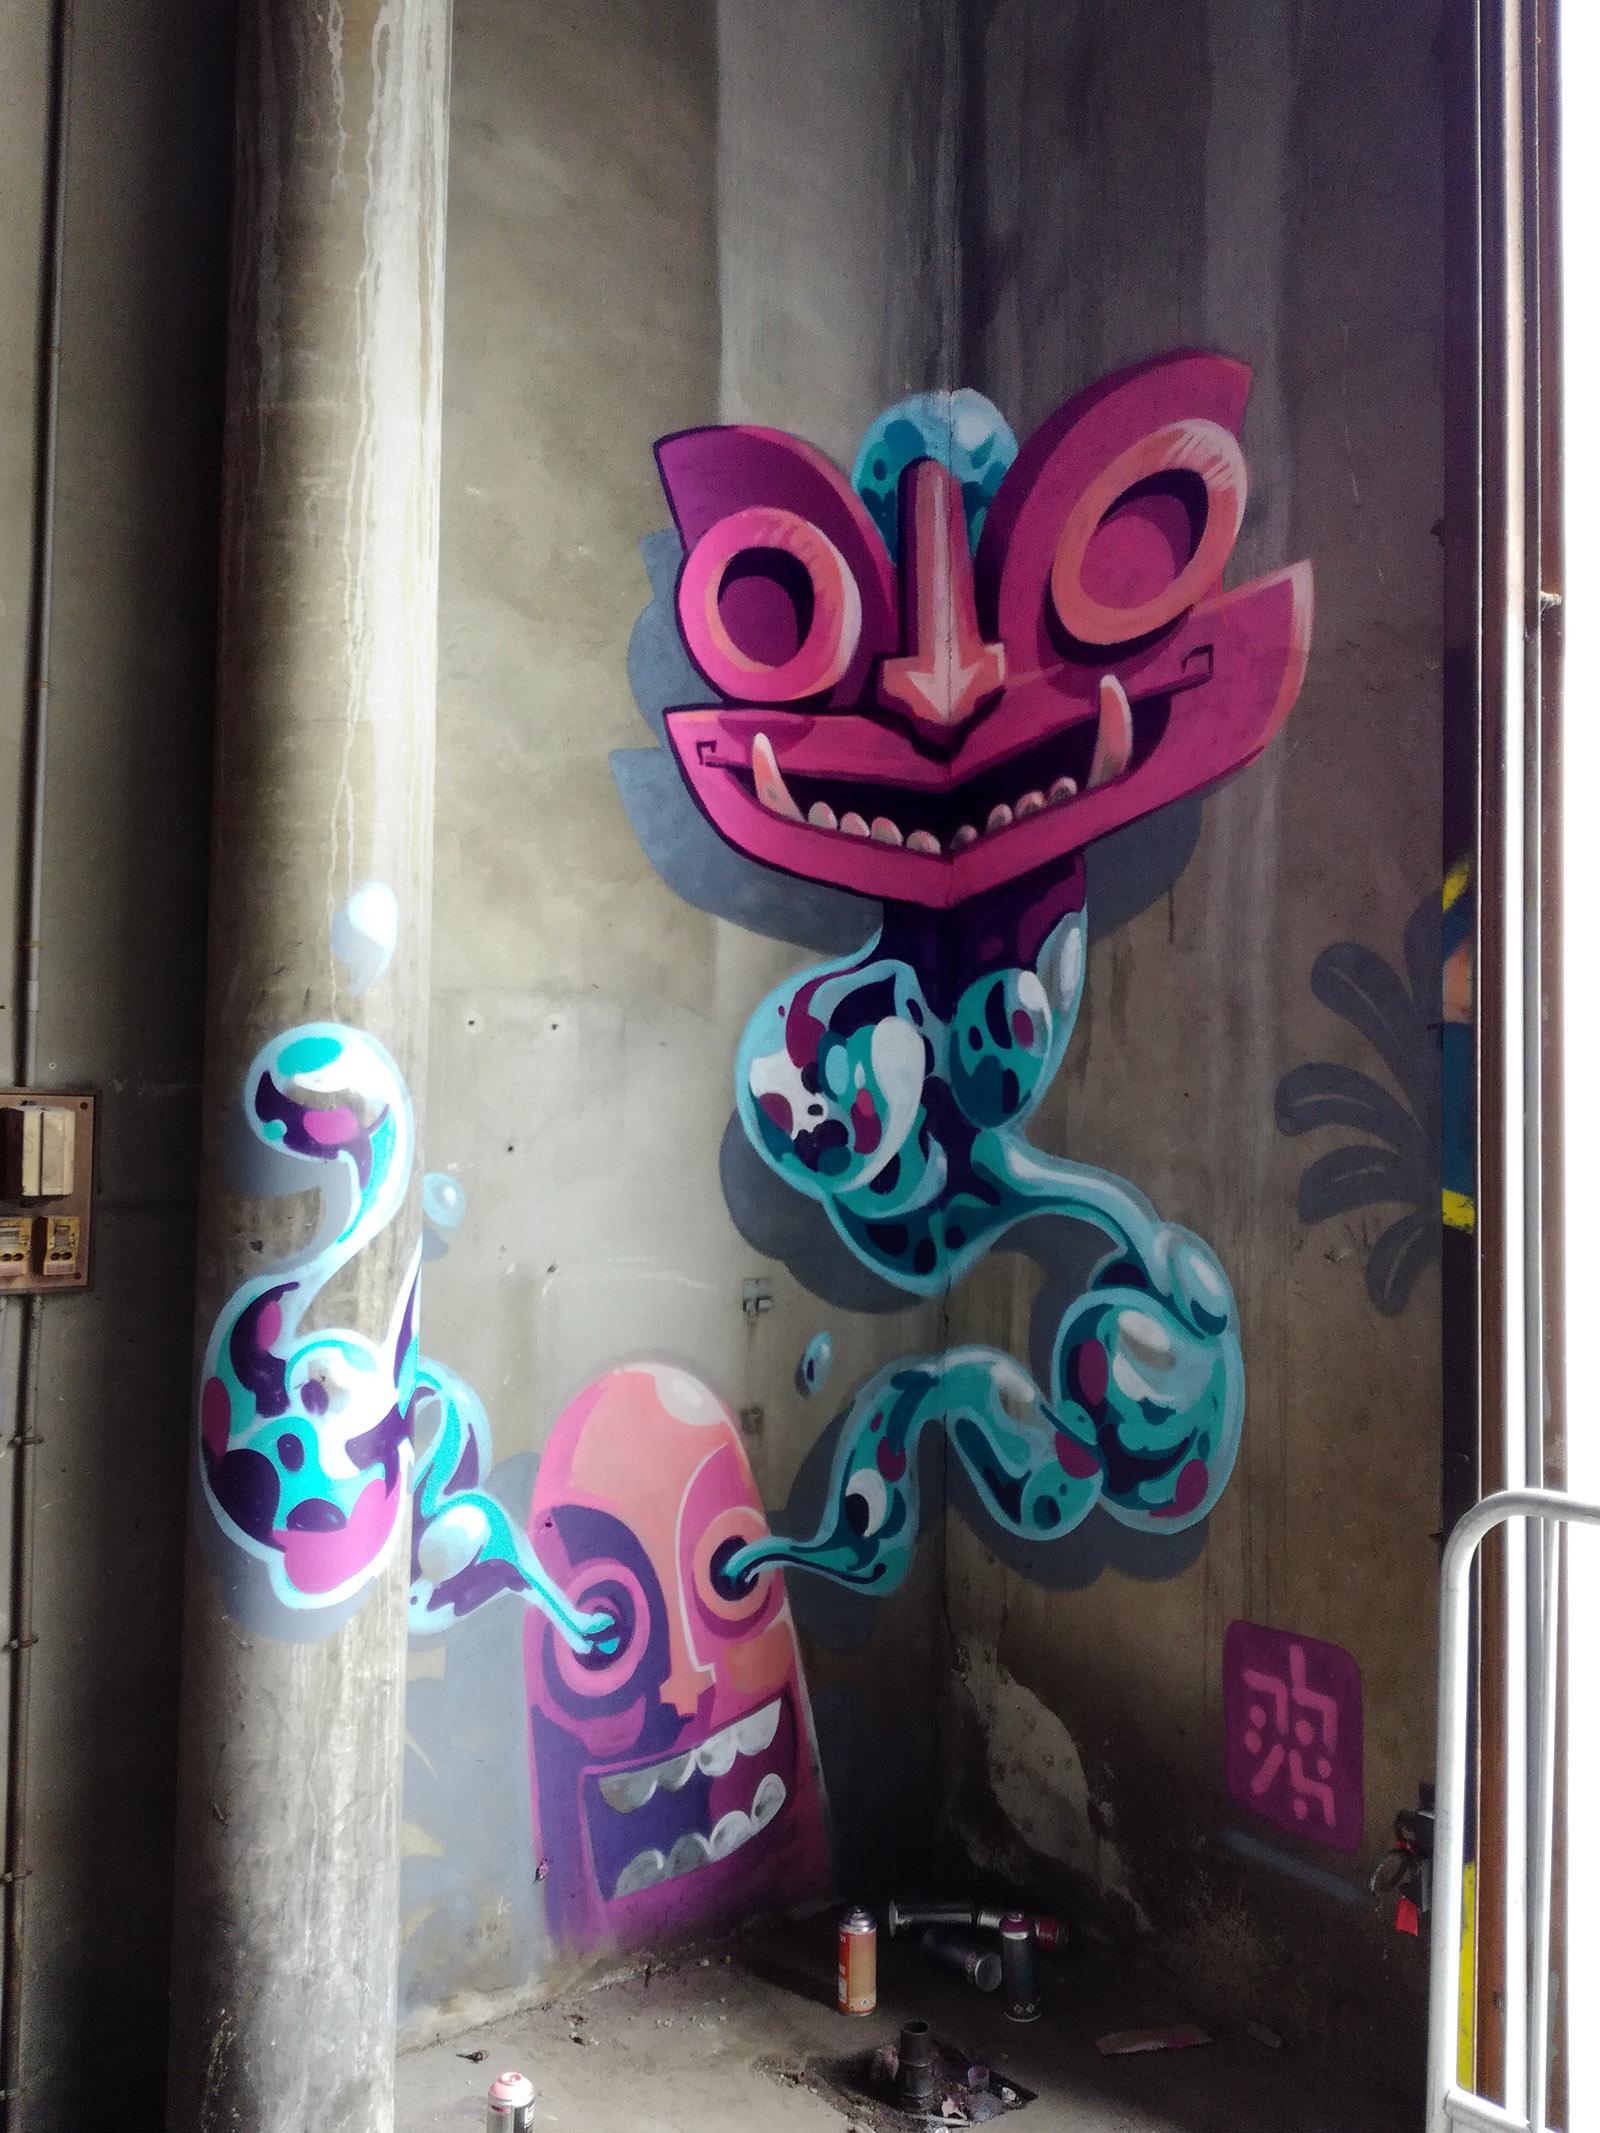 abys street-artiste - graphiste - da lyon - @peinturefraichefestival - #peinturefraichefestival